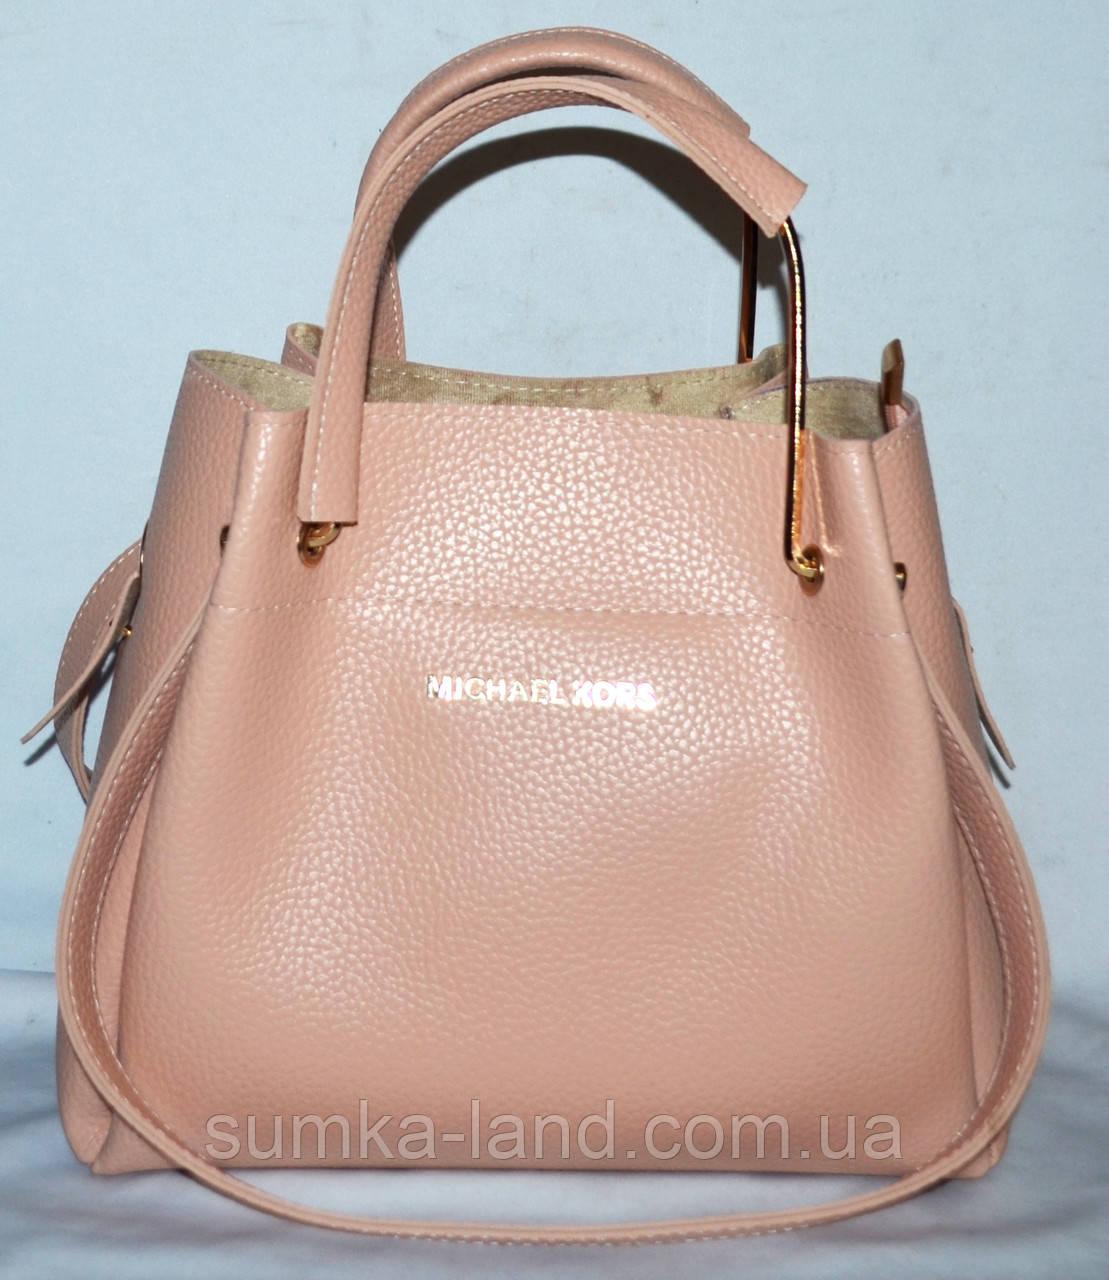 66cfa2e6859f Женская пудровая сумка Michael Kors 2 в 1 (сумка и клатч) 28 26 ...